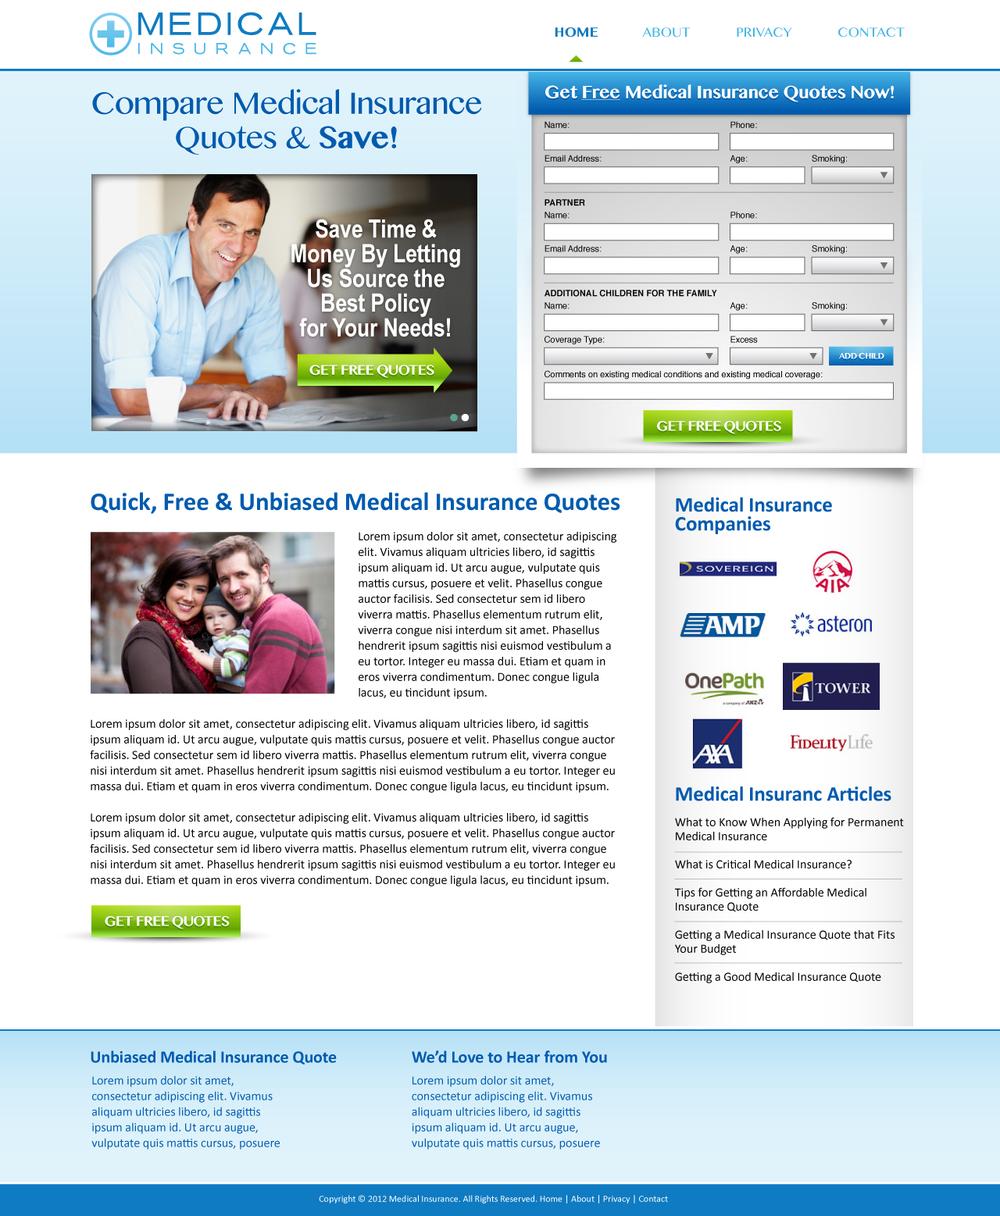 Medical-Insurance-Site-Slide-2.jpg